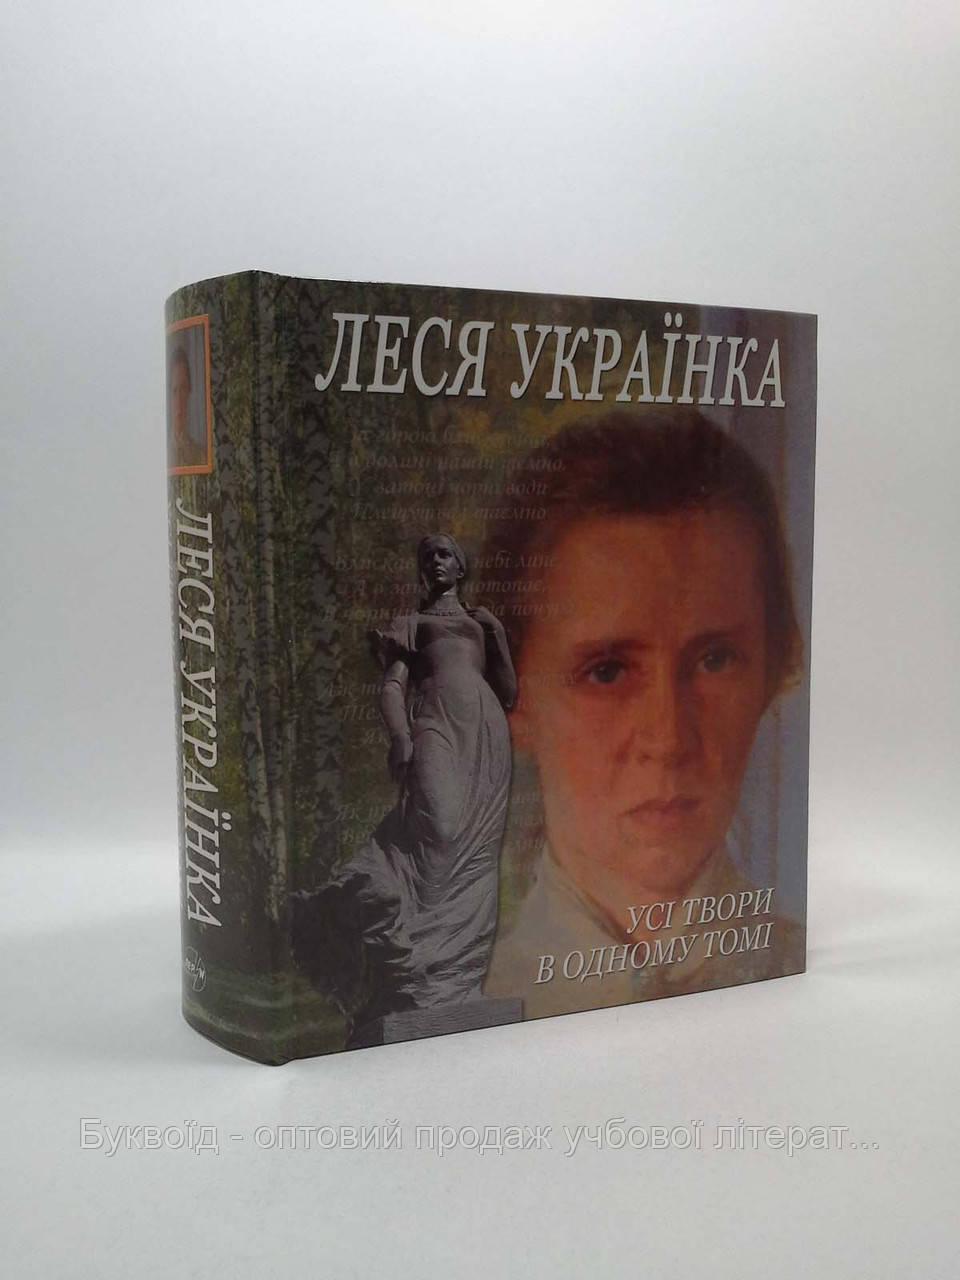 Перун Українка Усі твори в одному томі